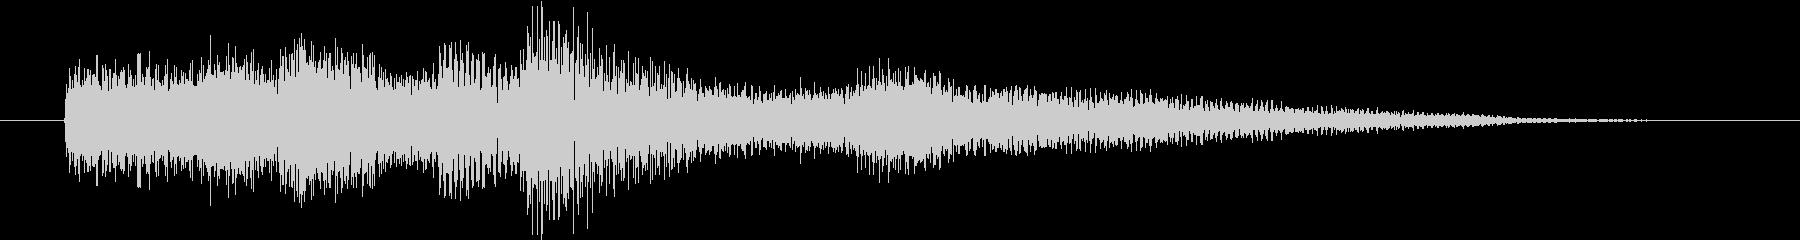 ピアノ演奏/CM前、キラキラしたジングルの未再生の波形